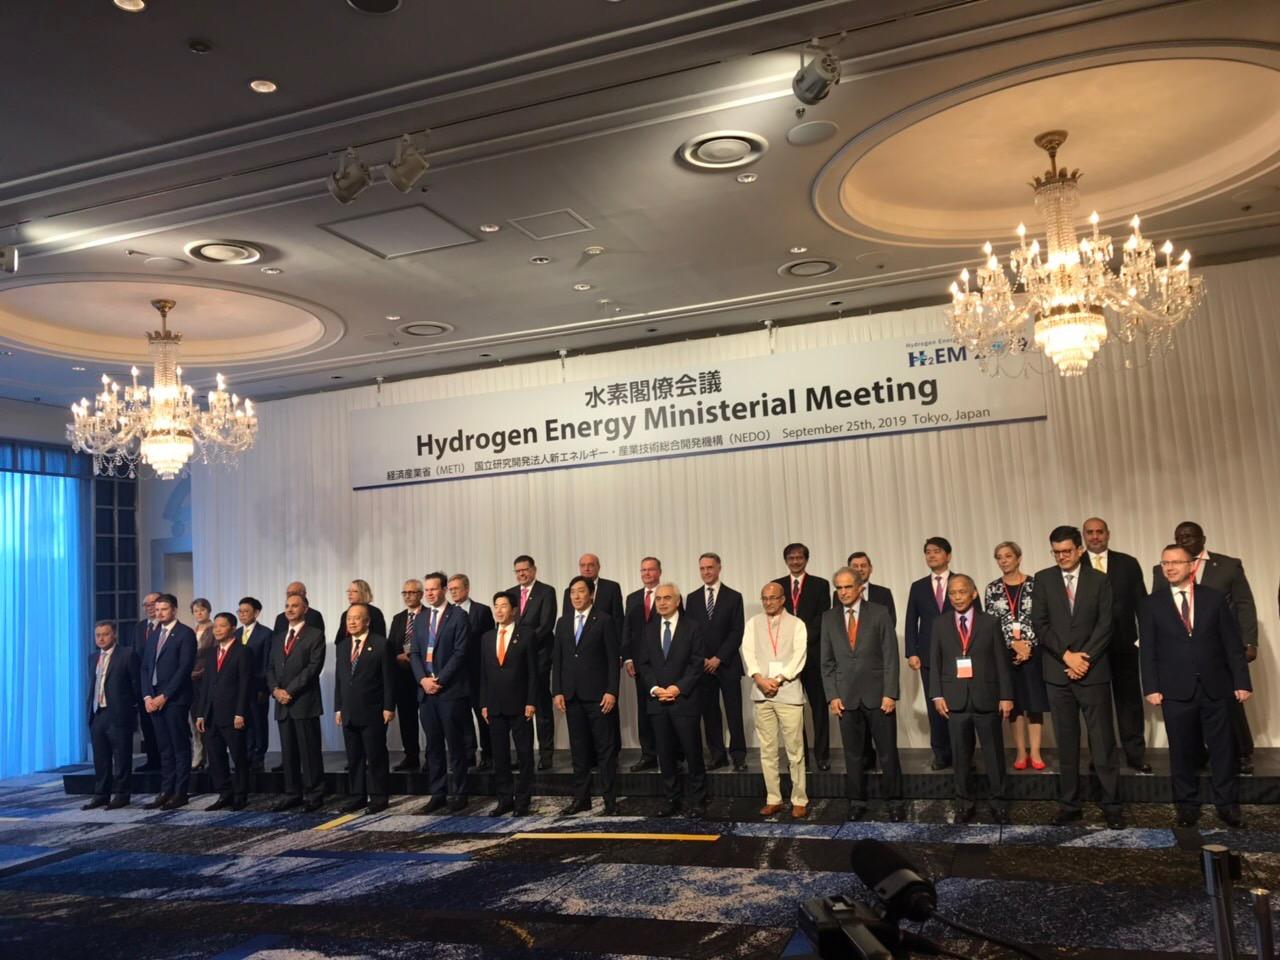 Hội nghị Bộ trưởng về năng lượng: mục tiêu giảm 80% lượng khí thải carbon dioxide vào năm 2050